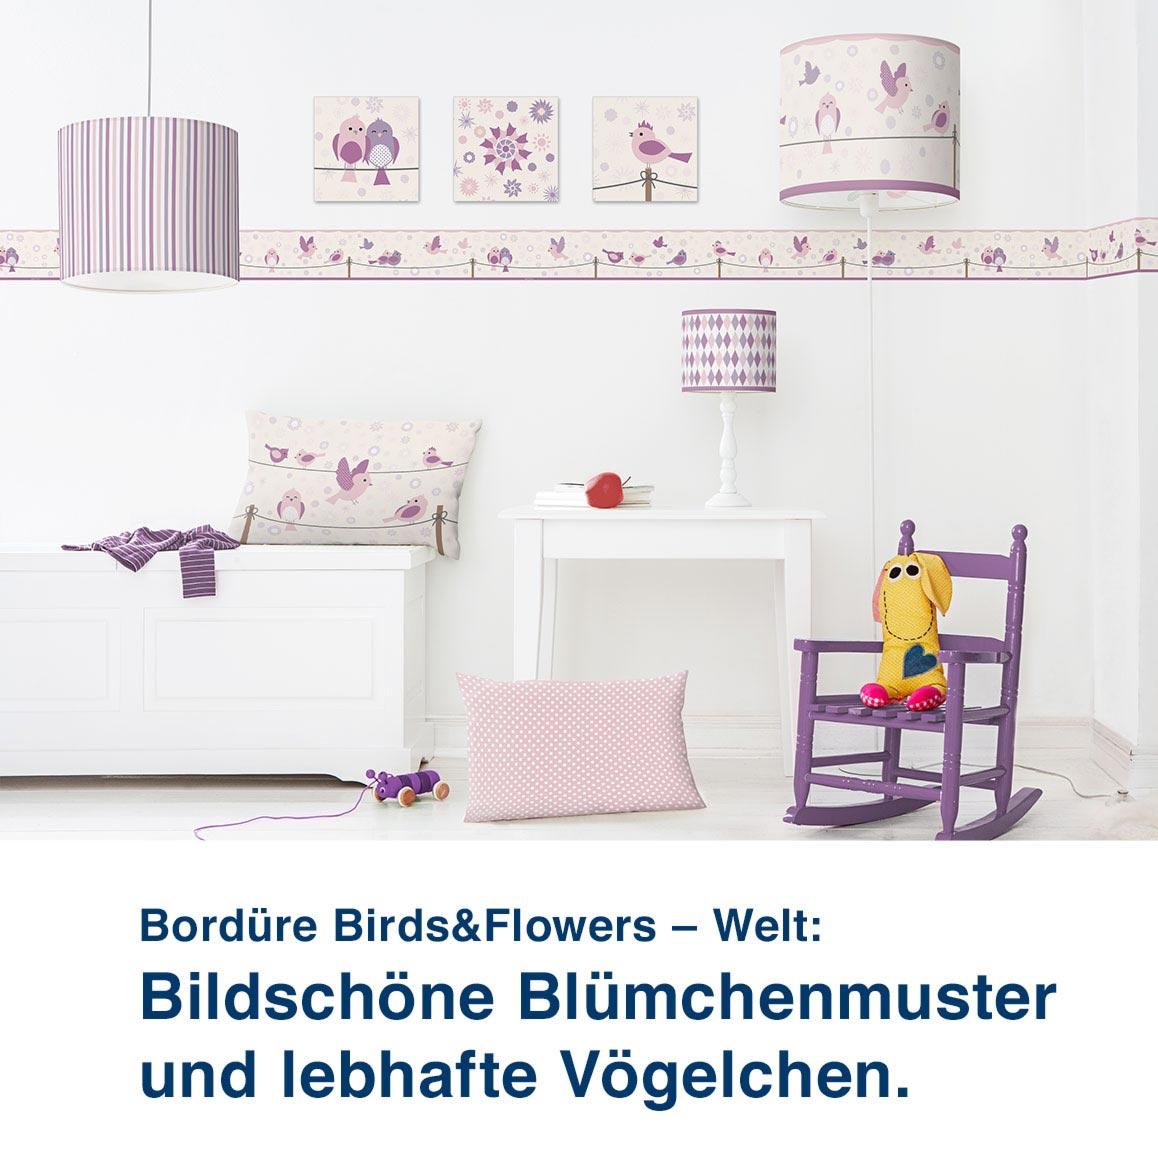 Bordüre Birds&Flowers – Welt:  Bildschöne Blümchenmuster  und lebhafte Vögelchen.